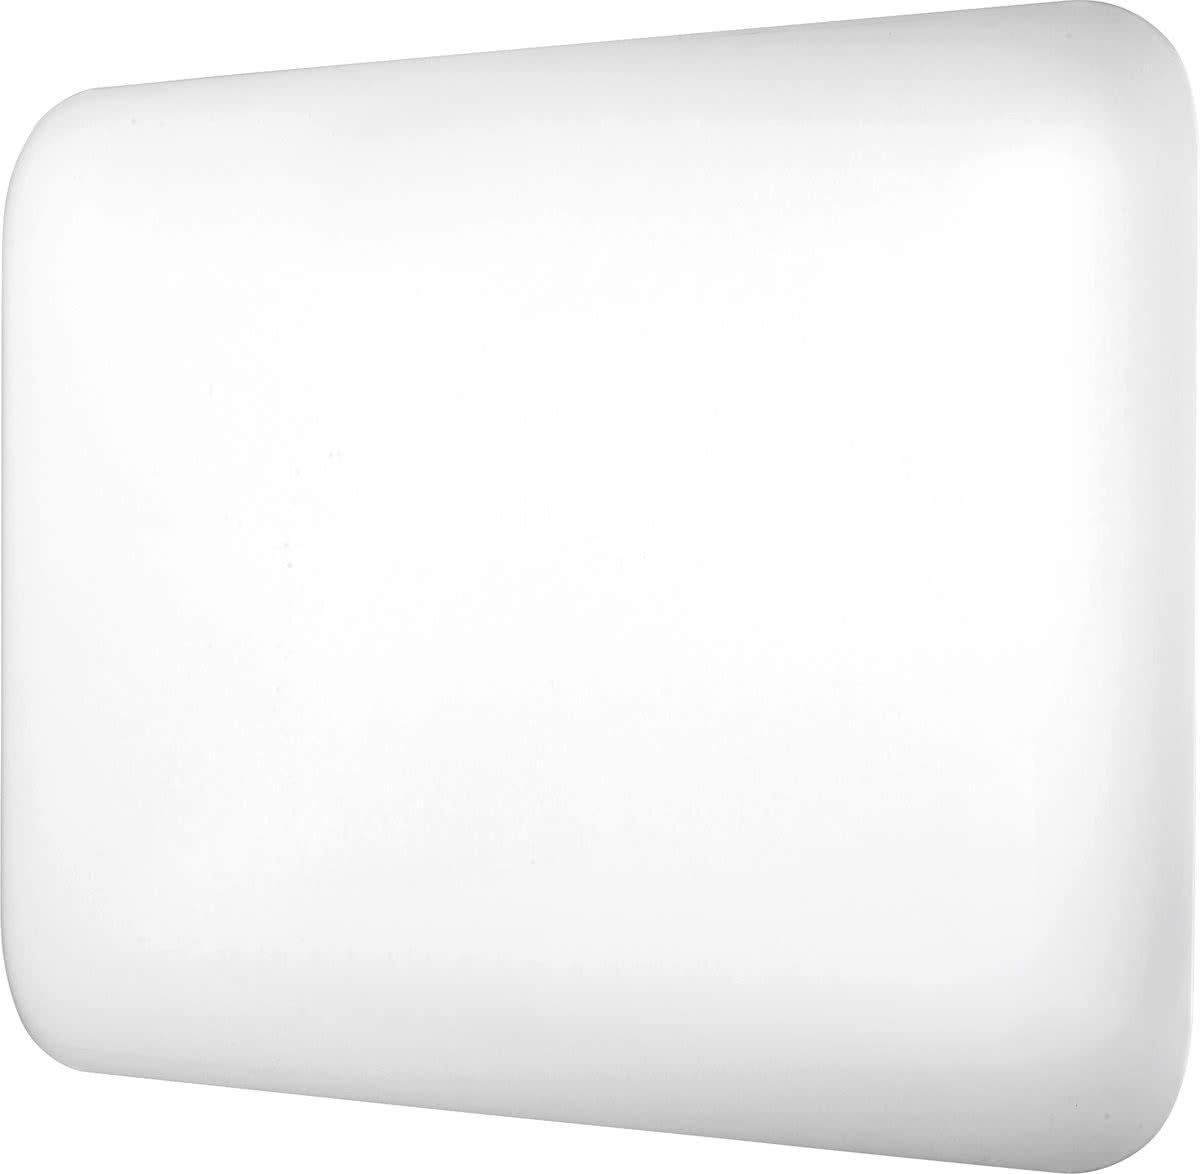 bol.com | Mill Ib600Dn - stalen paneelvewarming - wit